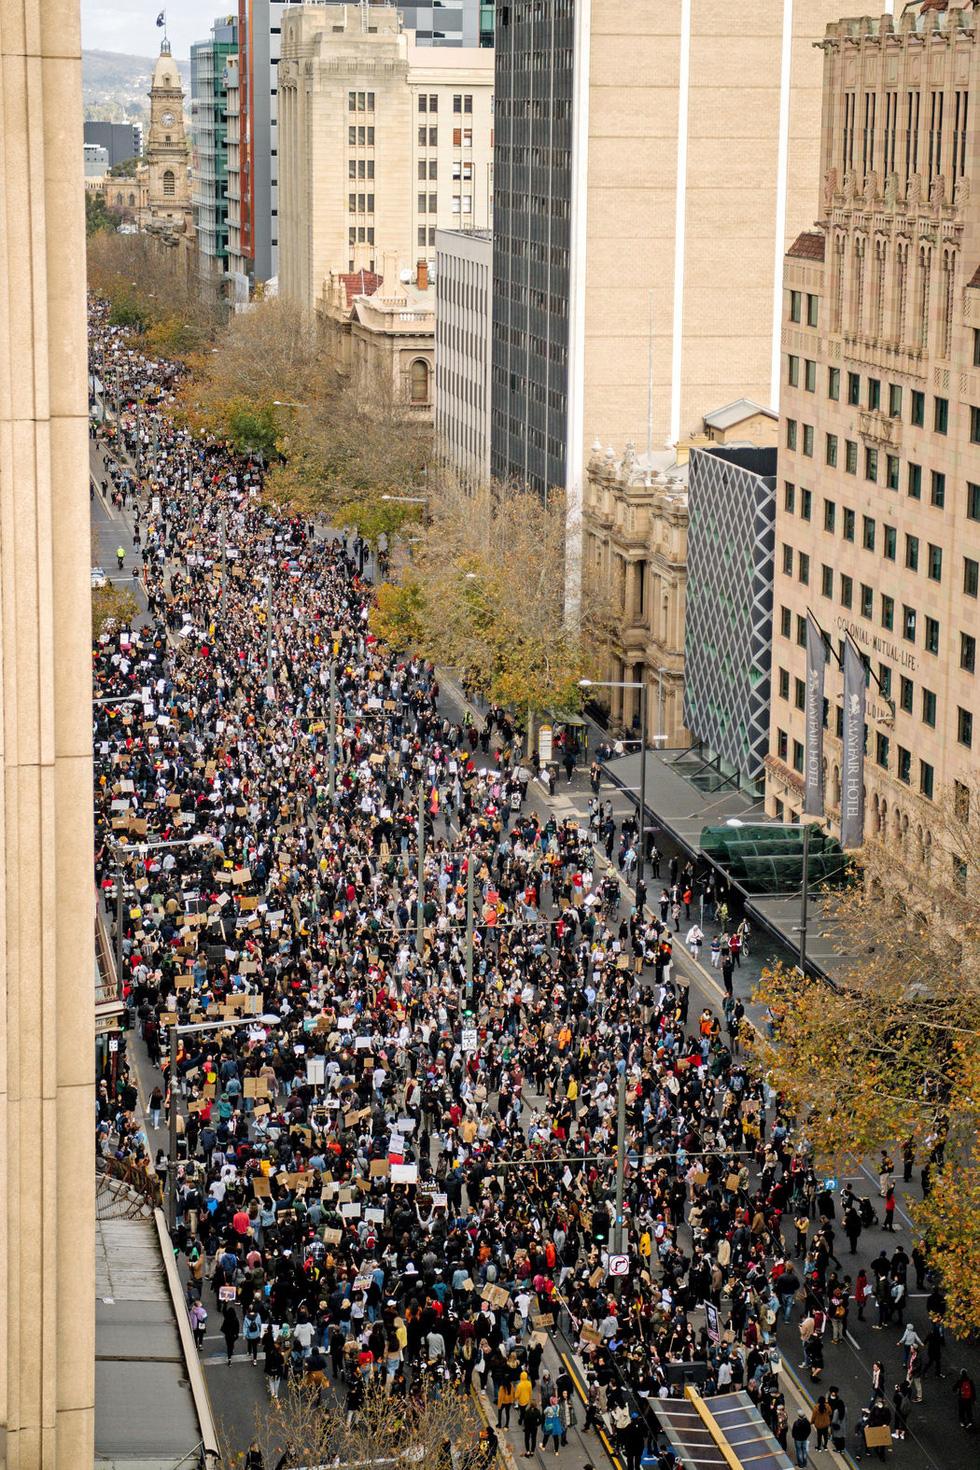 Bất chấp nguy cơ dịch lây lan, biểu tình vẫn lan rộng ở Mỹ và nhiều nước - Ảnh 12.